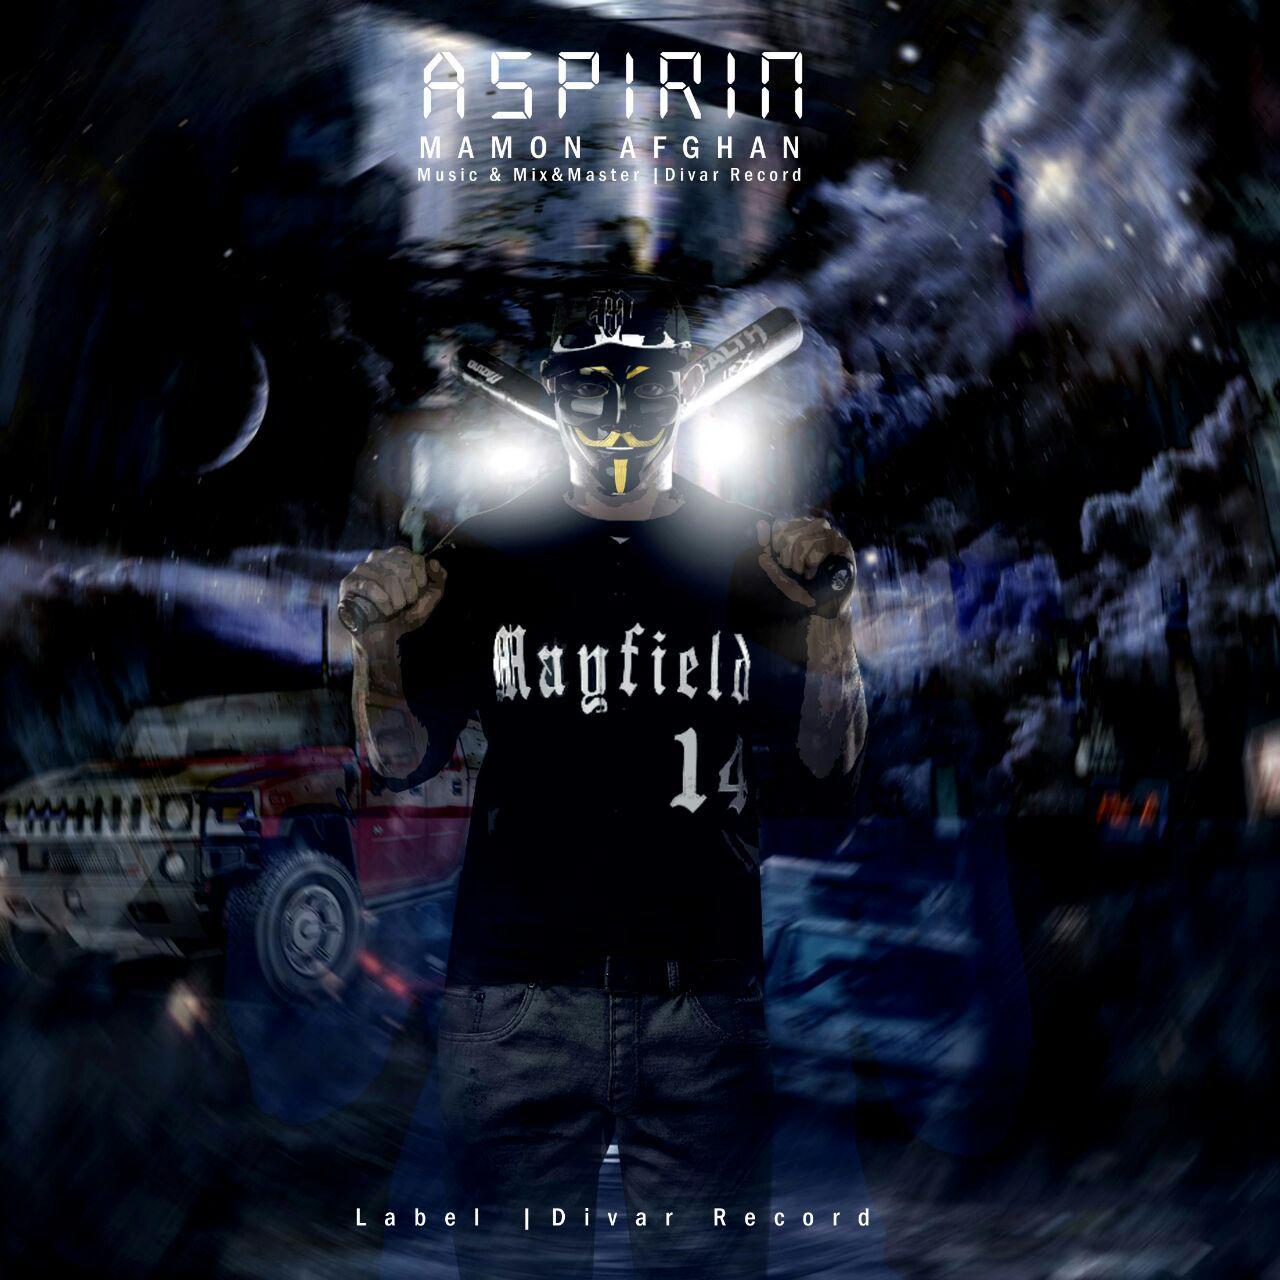 دانلود آهنگ جدید مامون افغان با نام آسپرین از آلبوم محرک